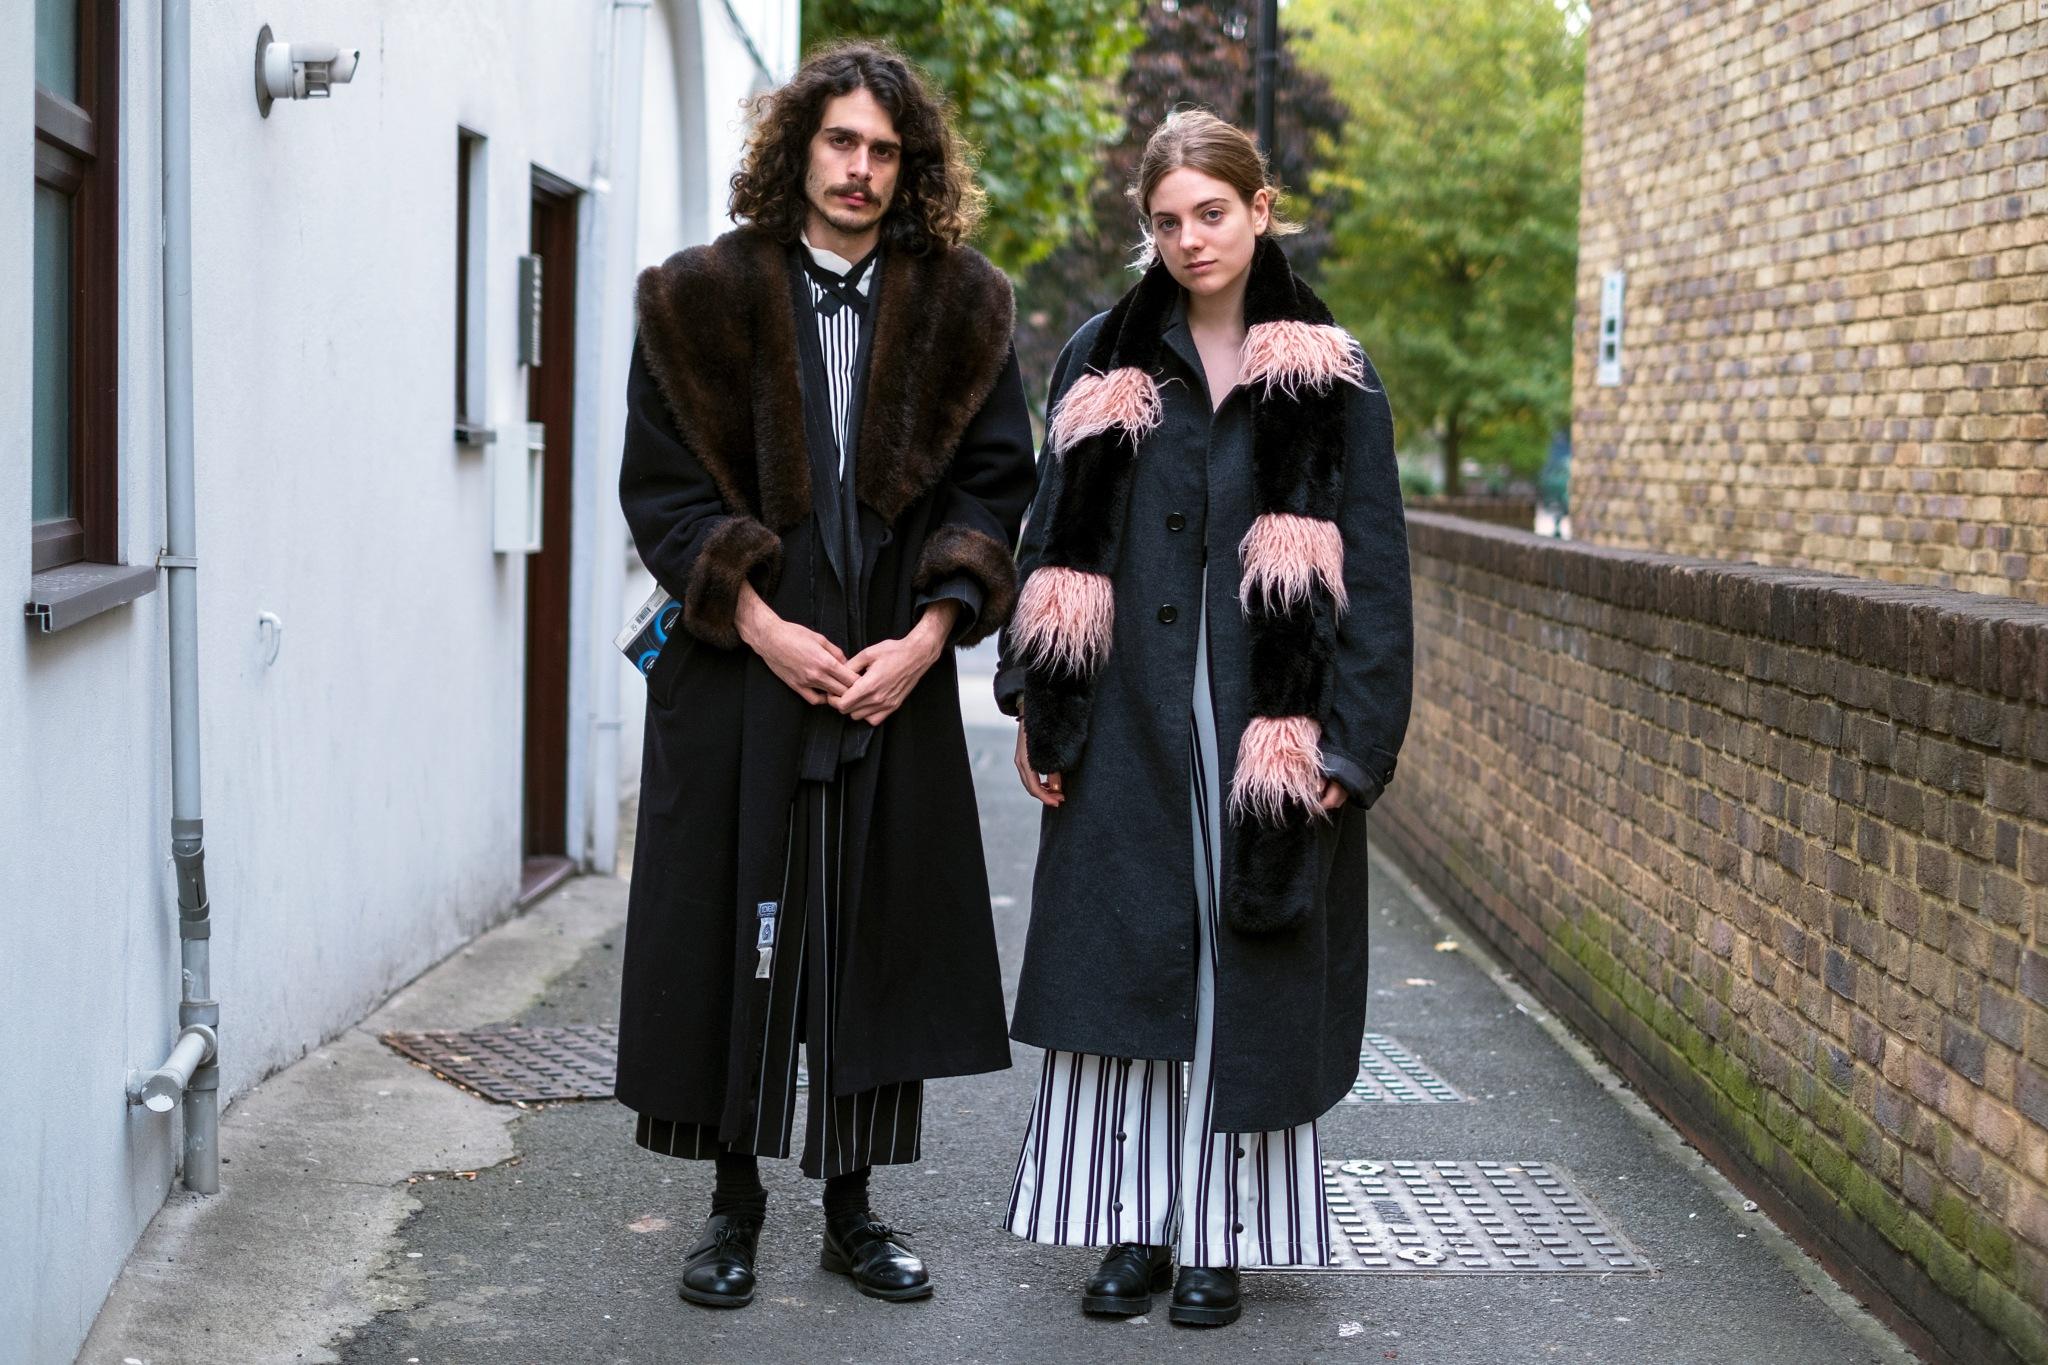 Goths by Jérôme Favre